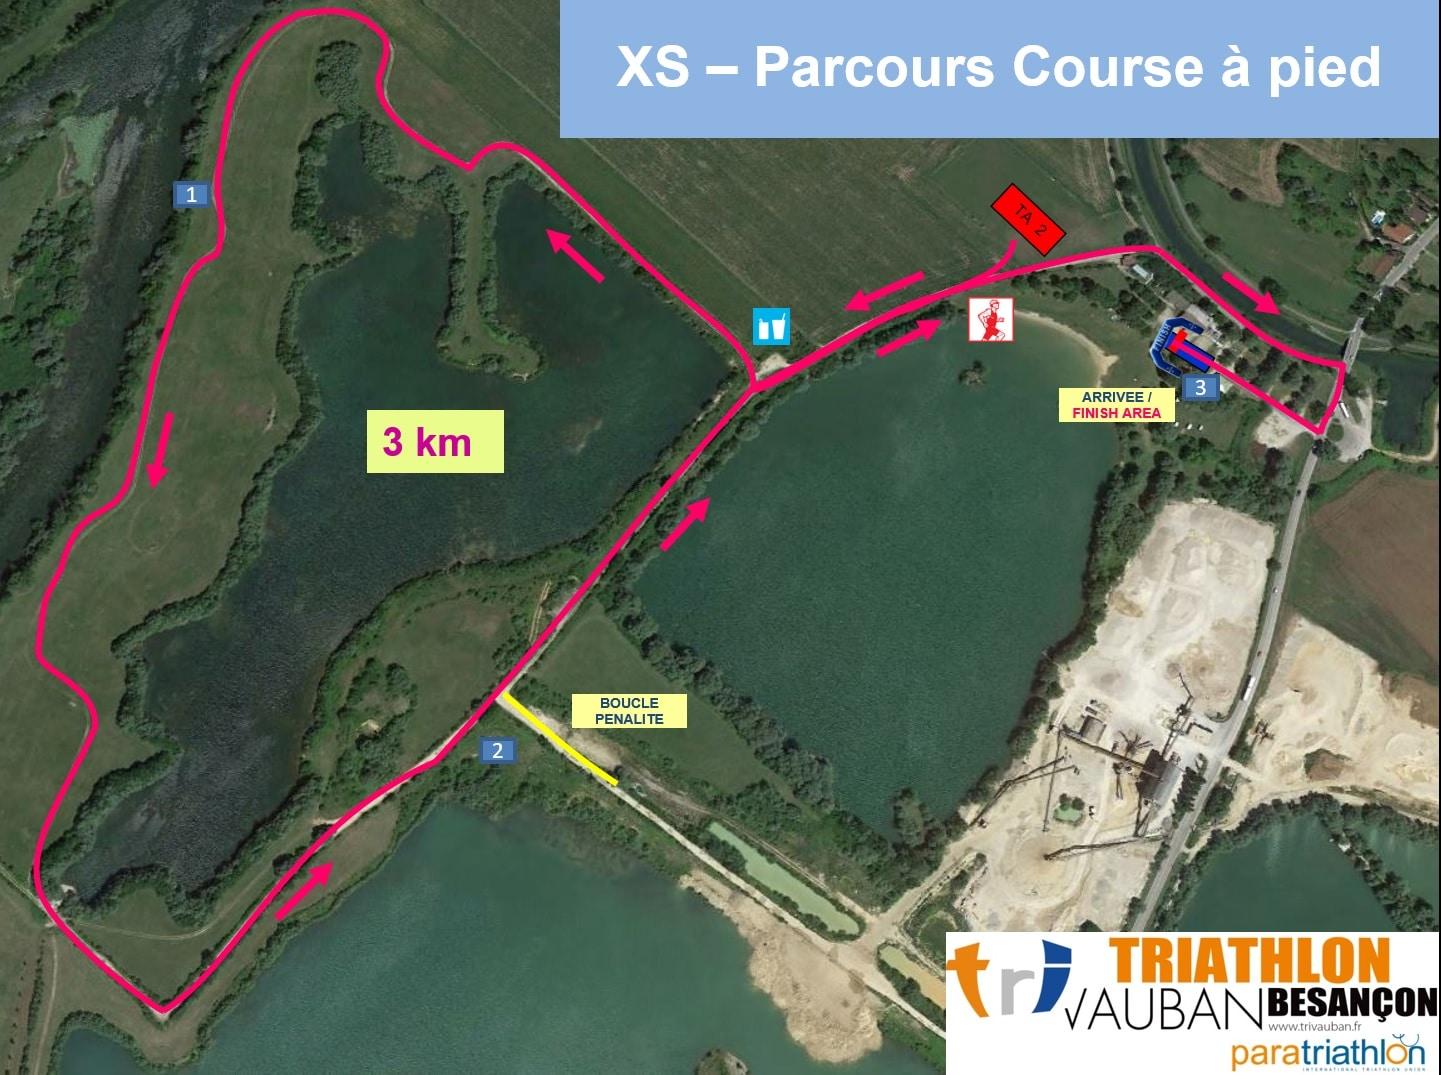 Parcours Course A Pied Xs Triathlon Vauban